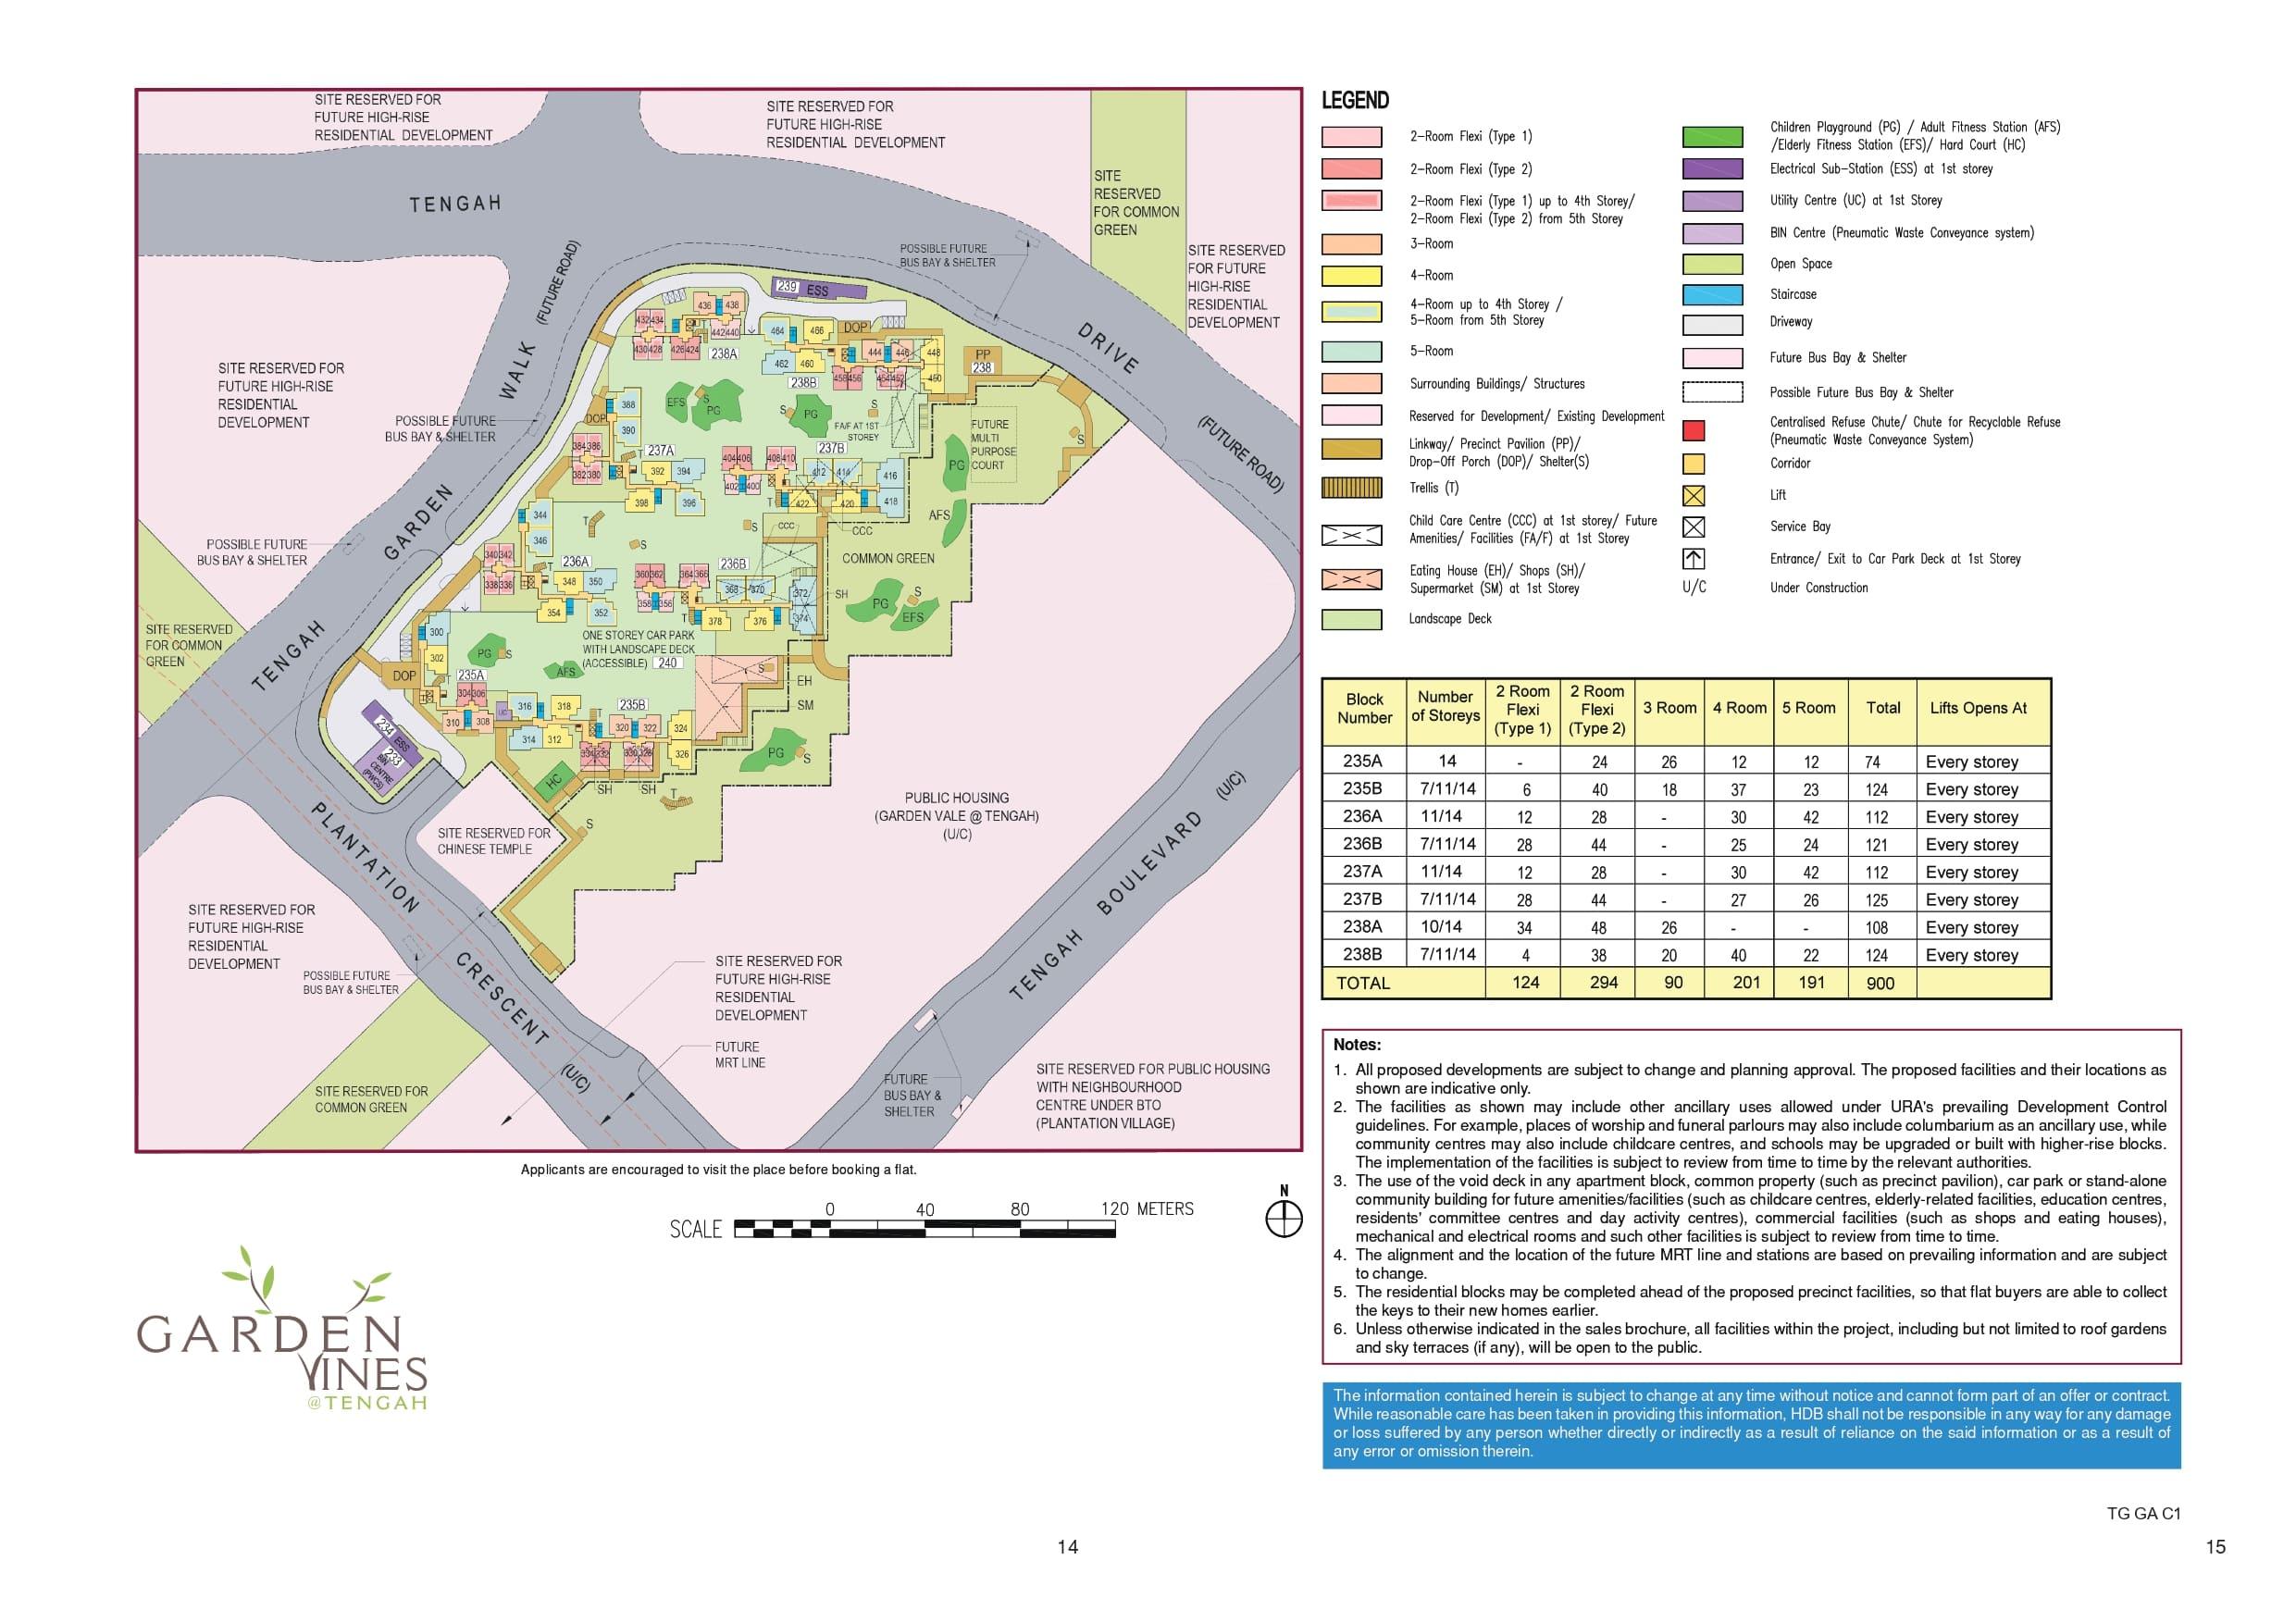 Garden Vines @ Tengah Site Plan